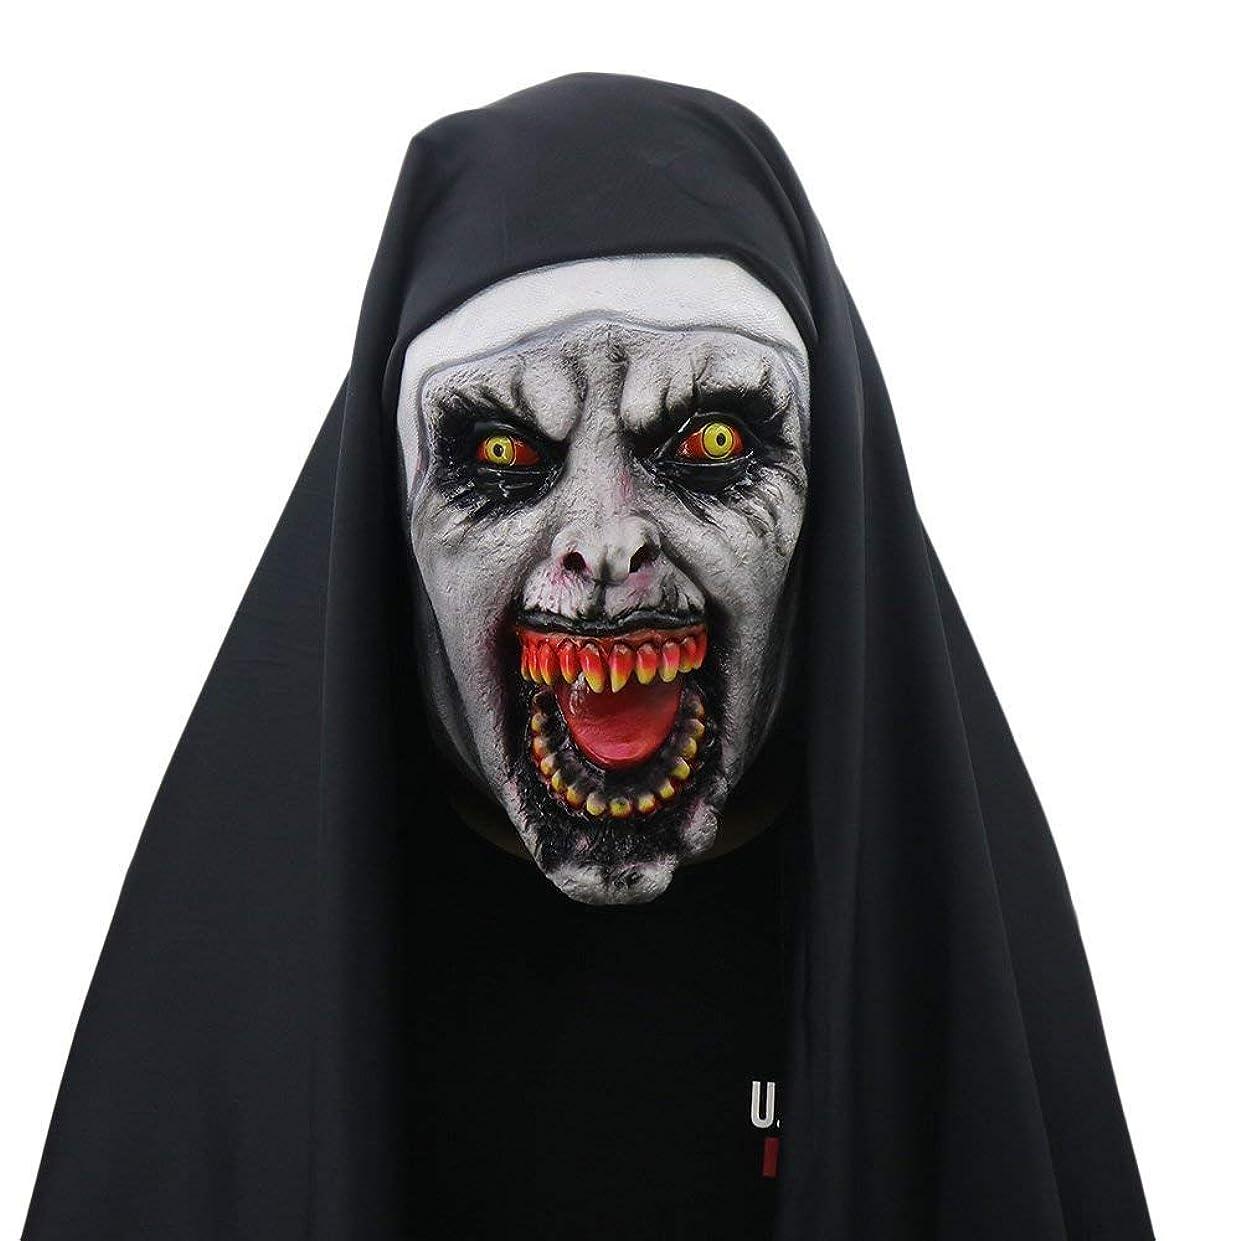 配当詳細に以内に女性のためのハロウィン修道女の衣装、修道女仮面の怖いベール